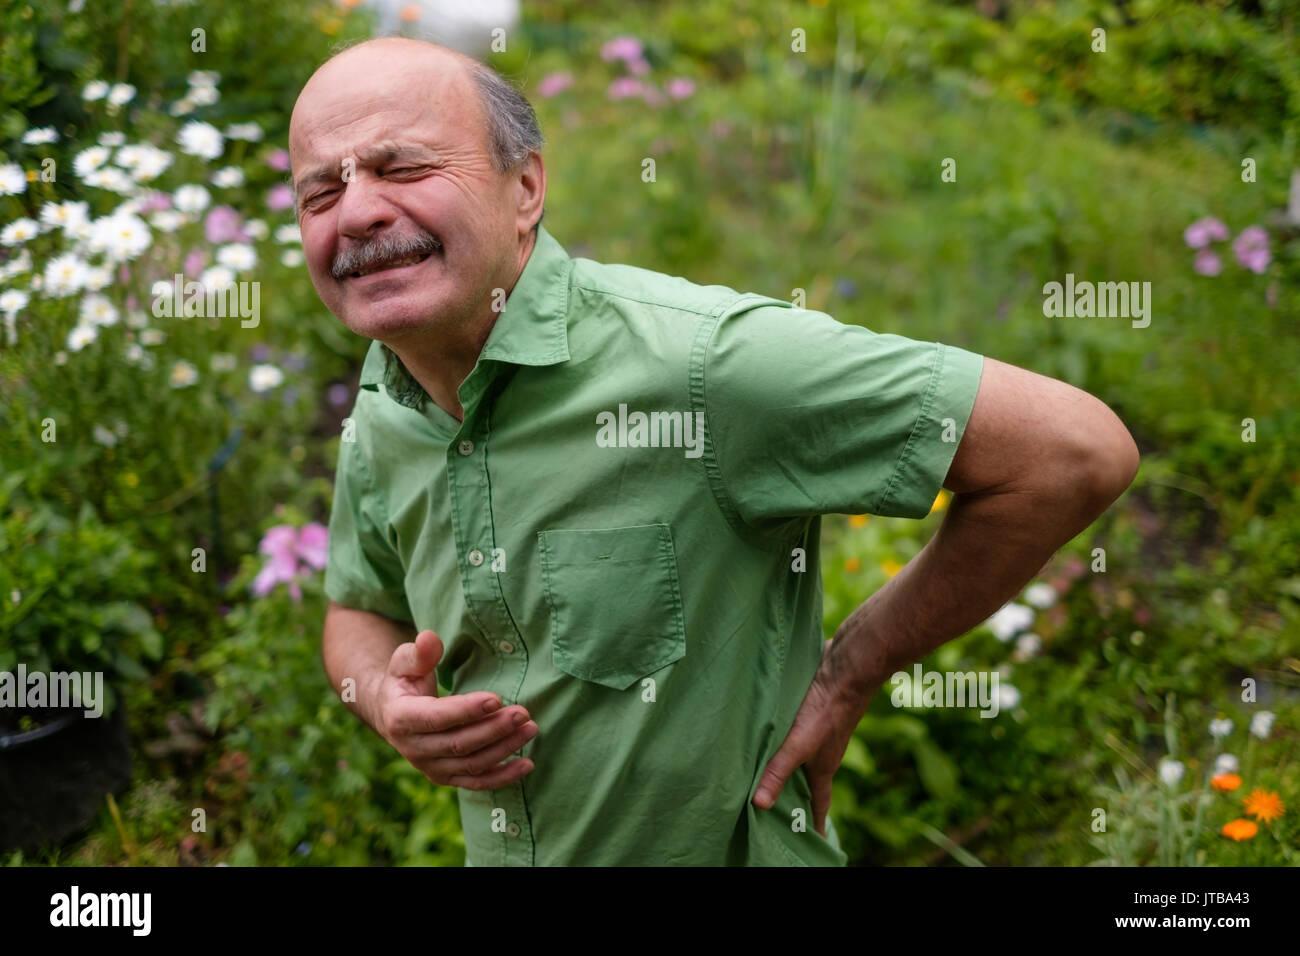 Old man tener lumbago dolor Imagen De Stock